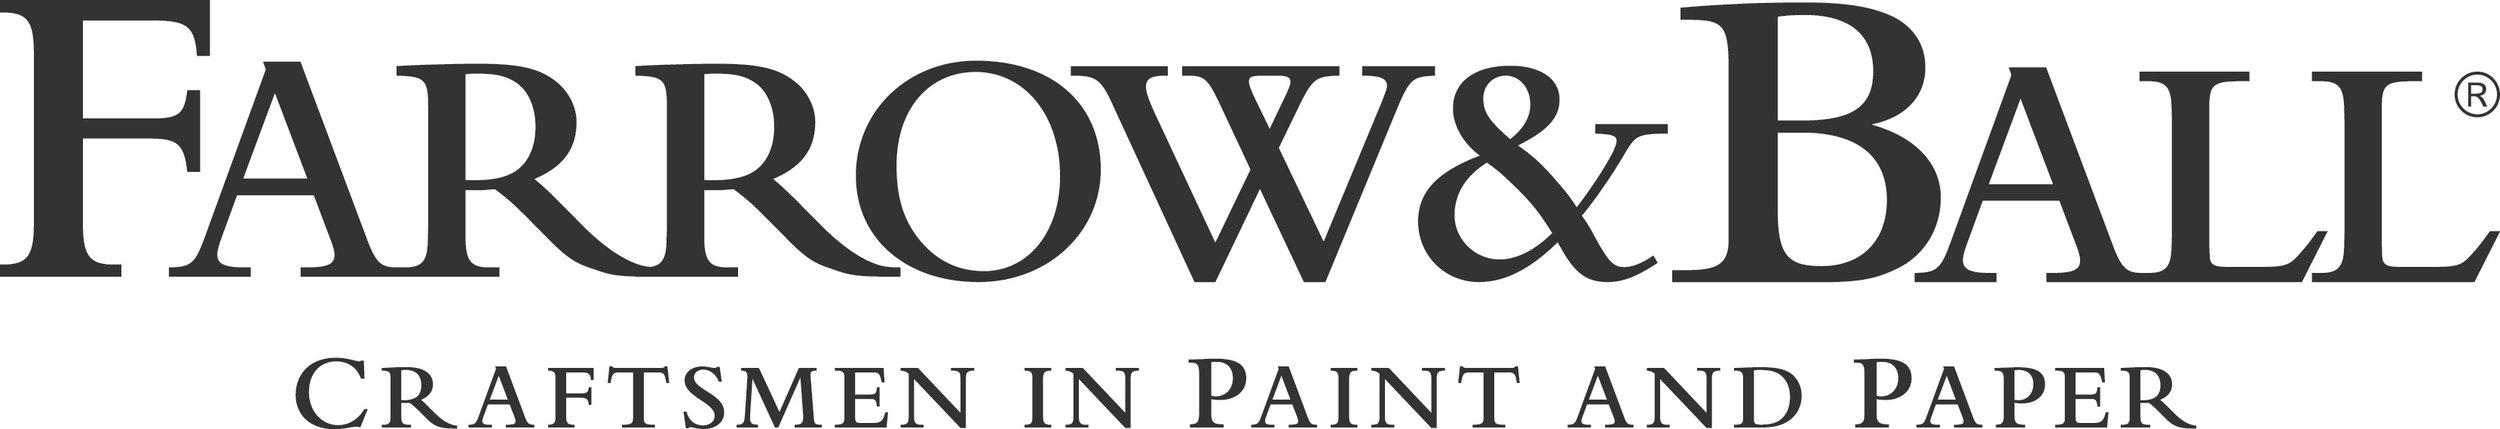 Craftsmen long logo_90%K_M 03-2016.jpg